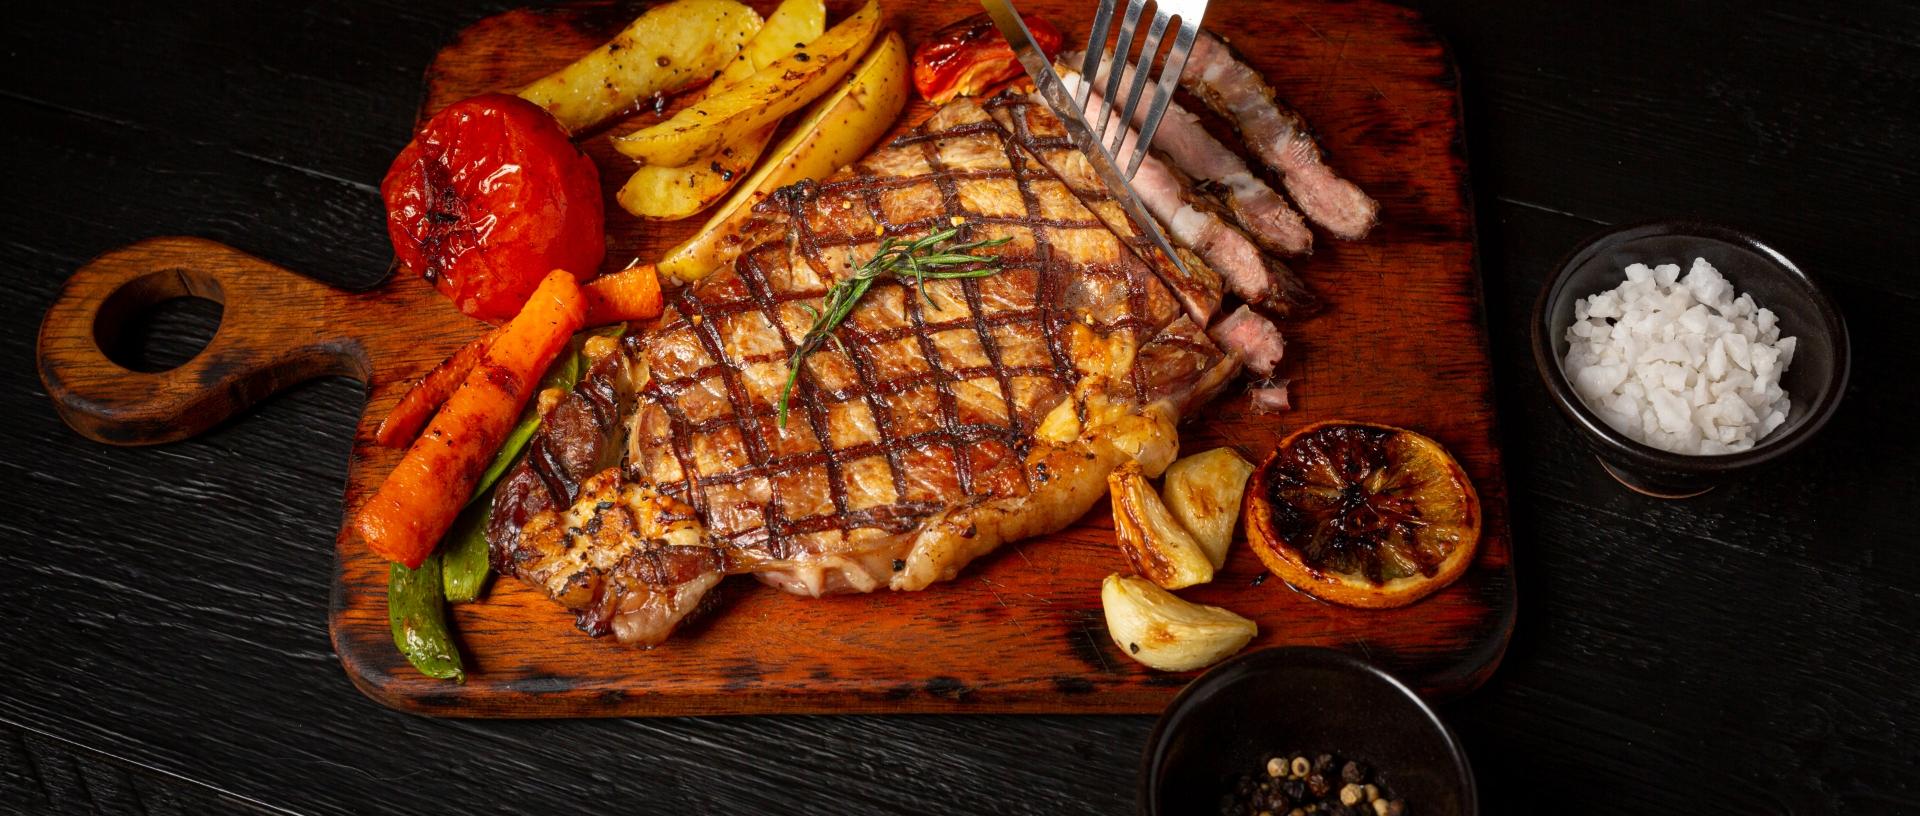 st-julien-restaurant-et-grill-header-accueil